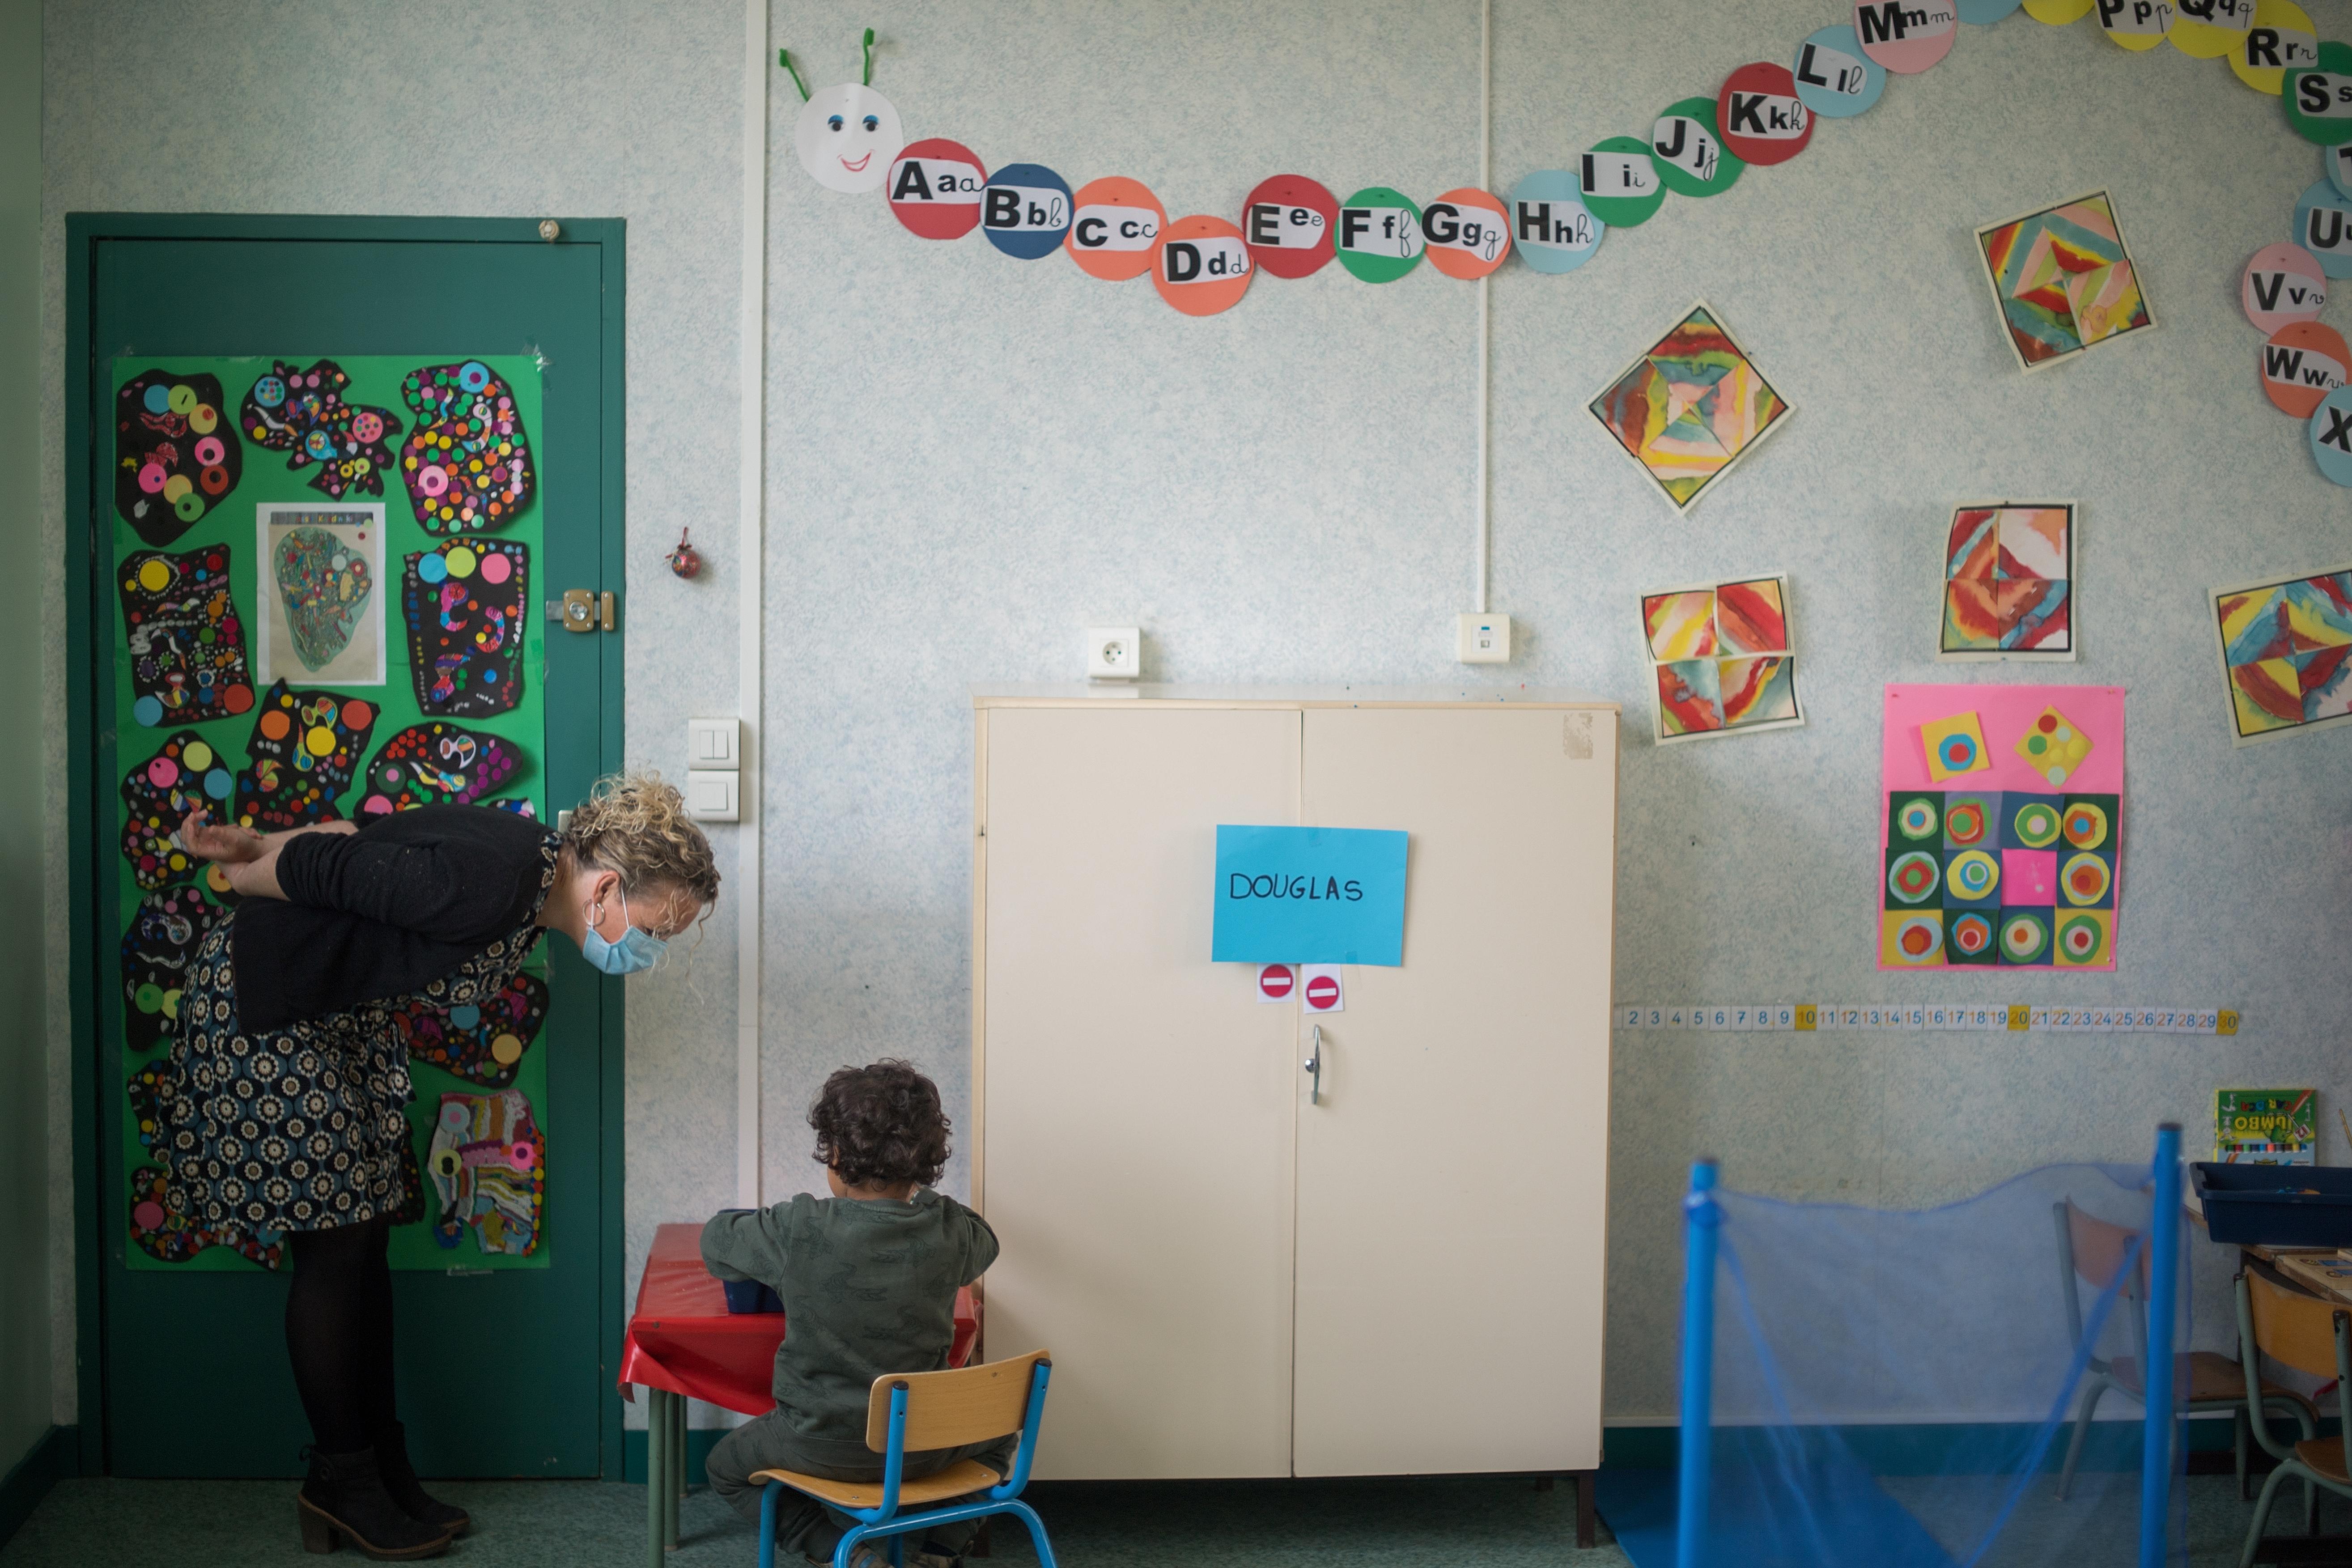 Tévedett a labor, mégsem koronavírusos az óbudai Pitypang óvodába járó gyerek